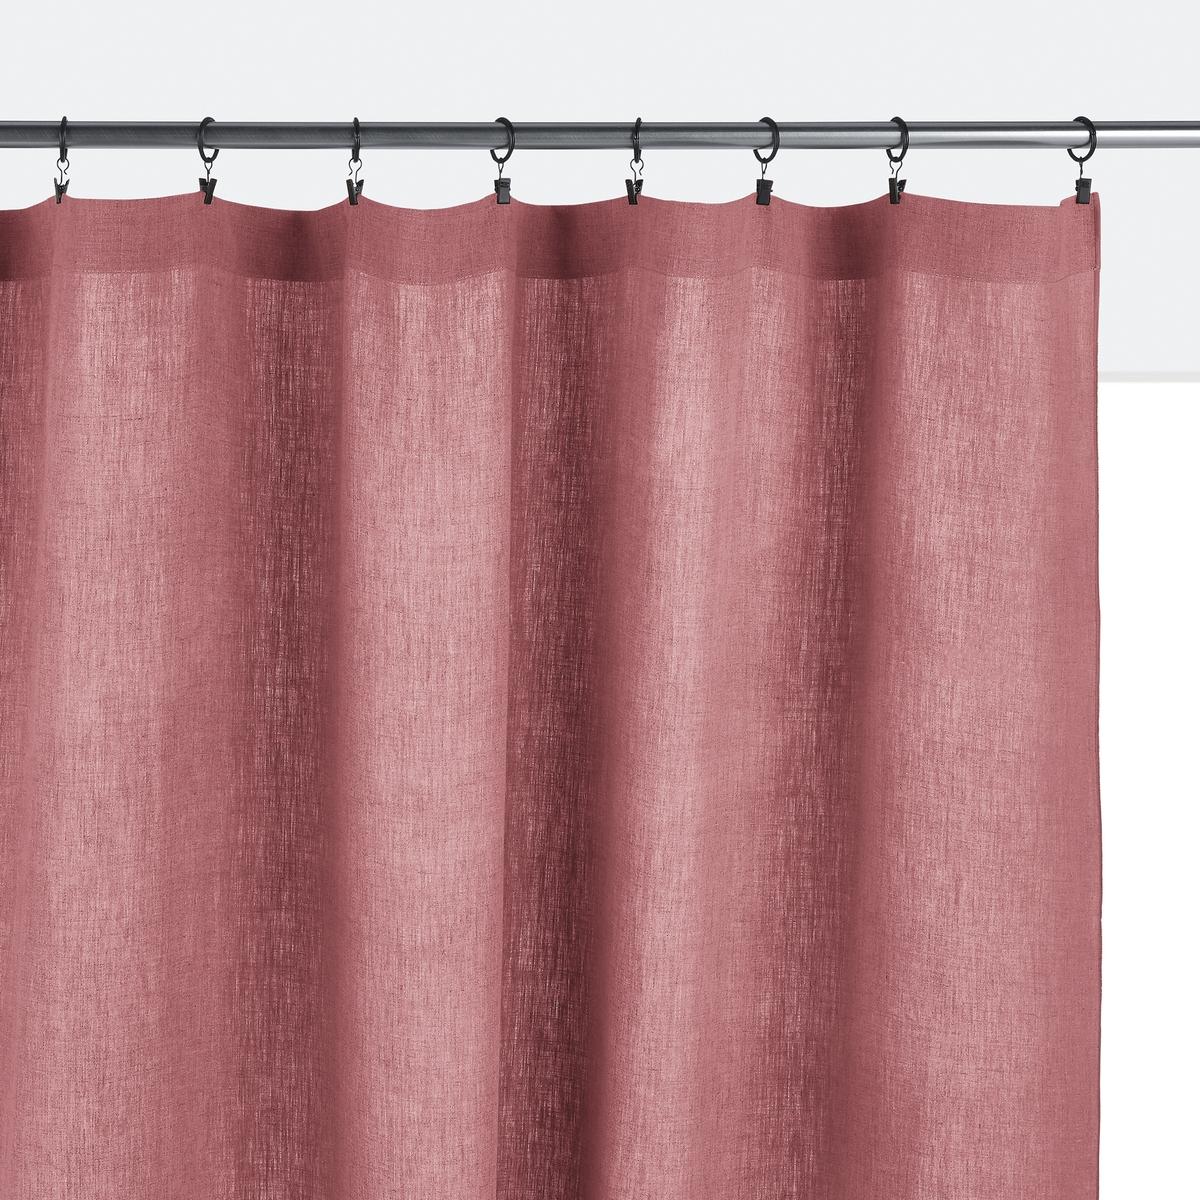 Штора LaRedoute Из 100 осветленного льна Onega 260 x 135 см розовый